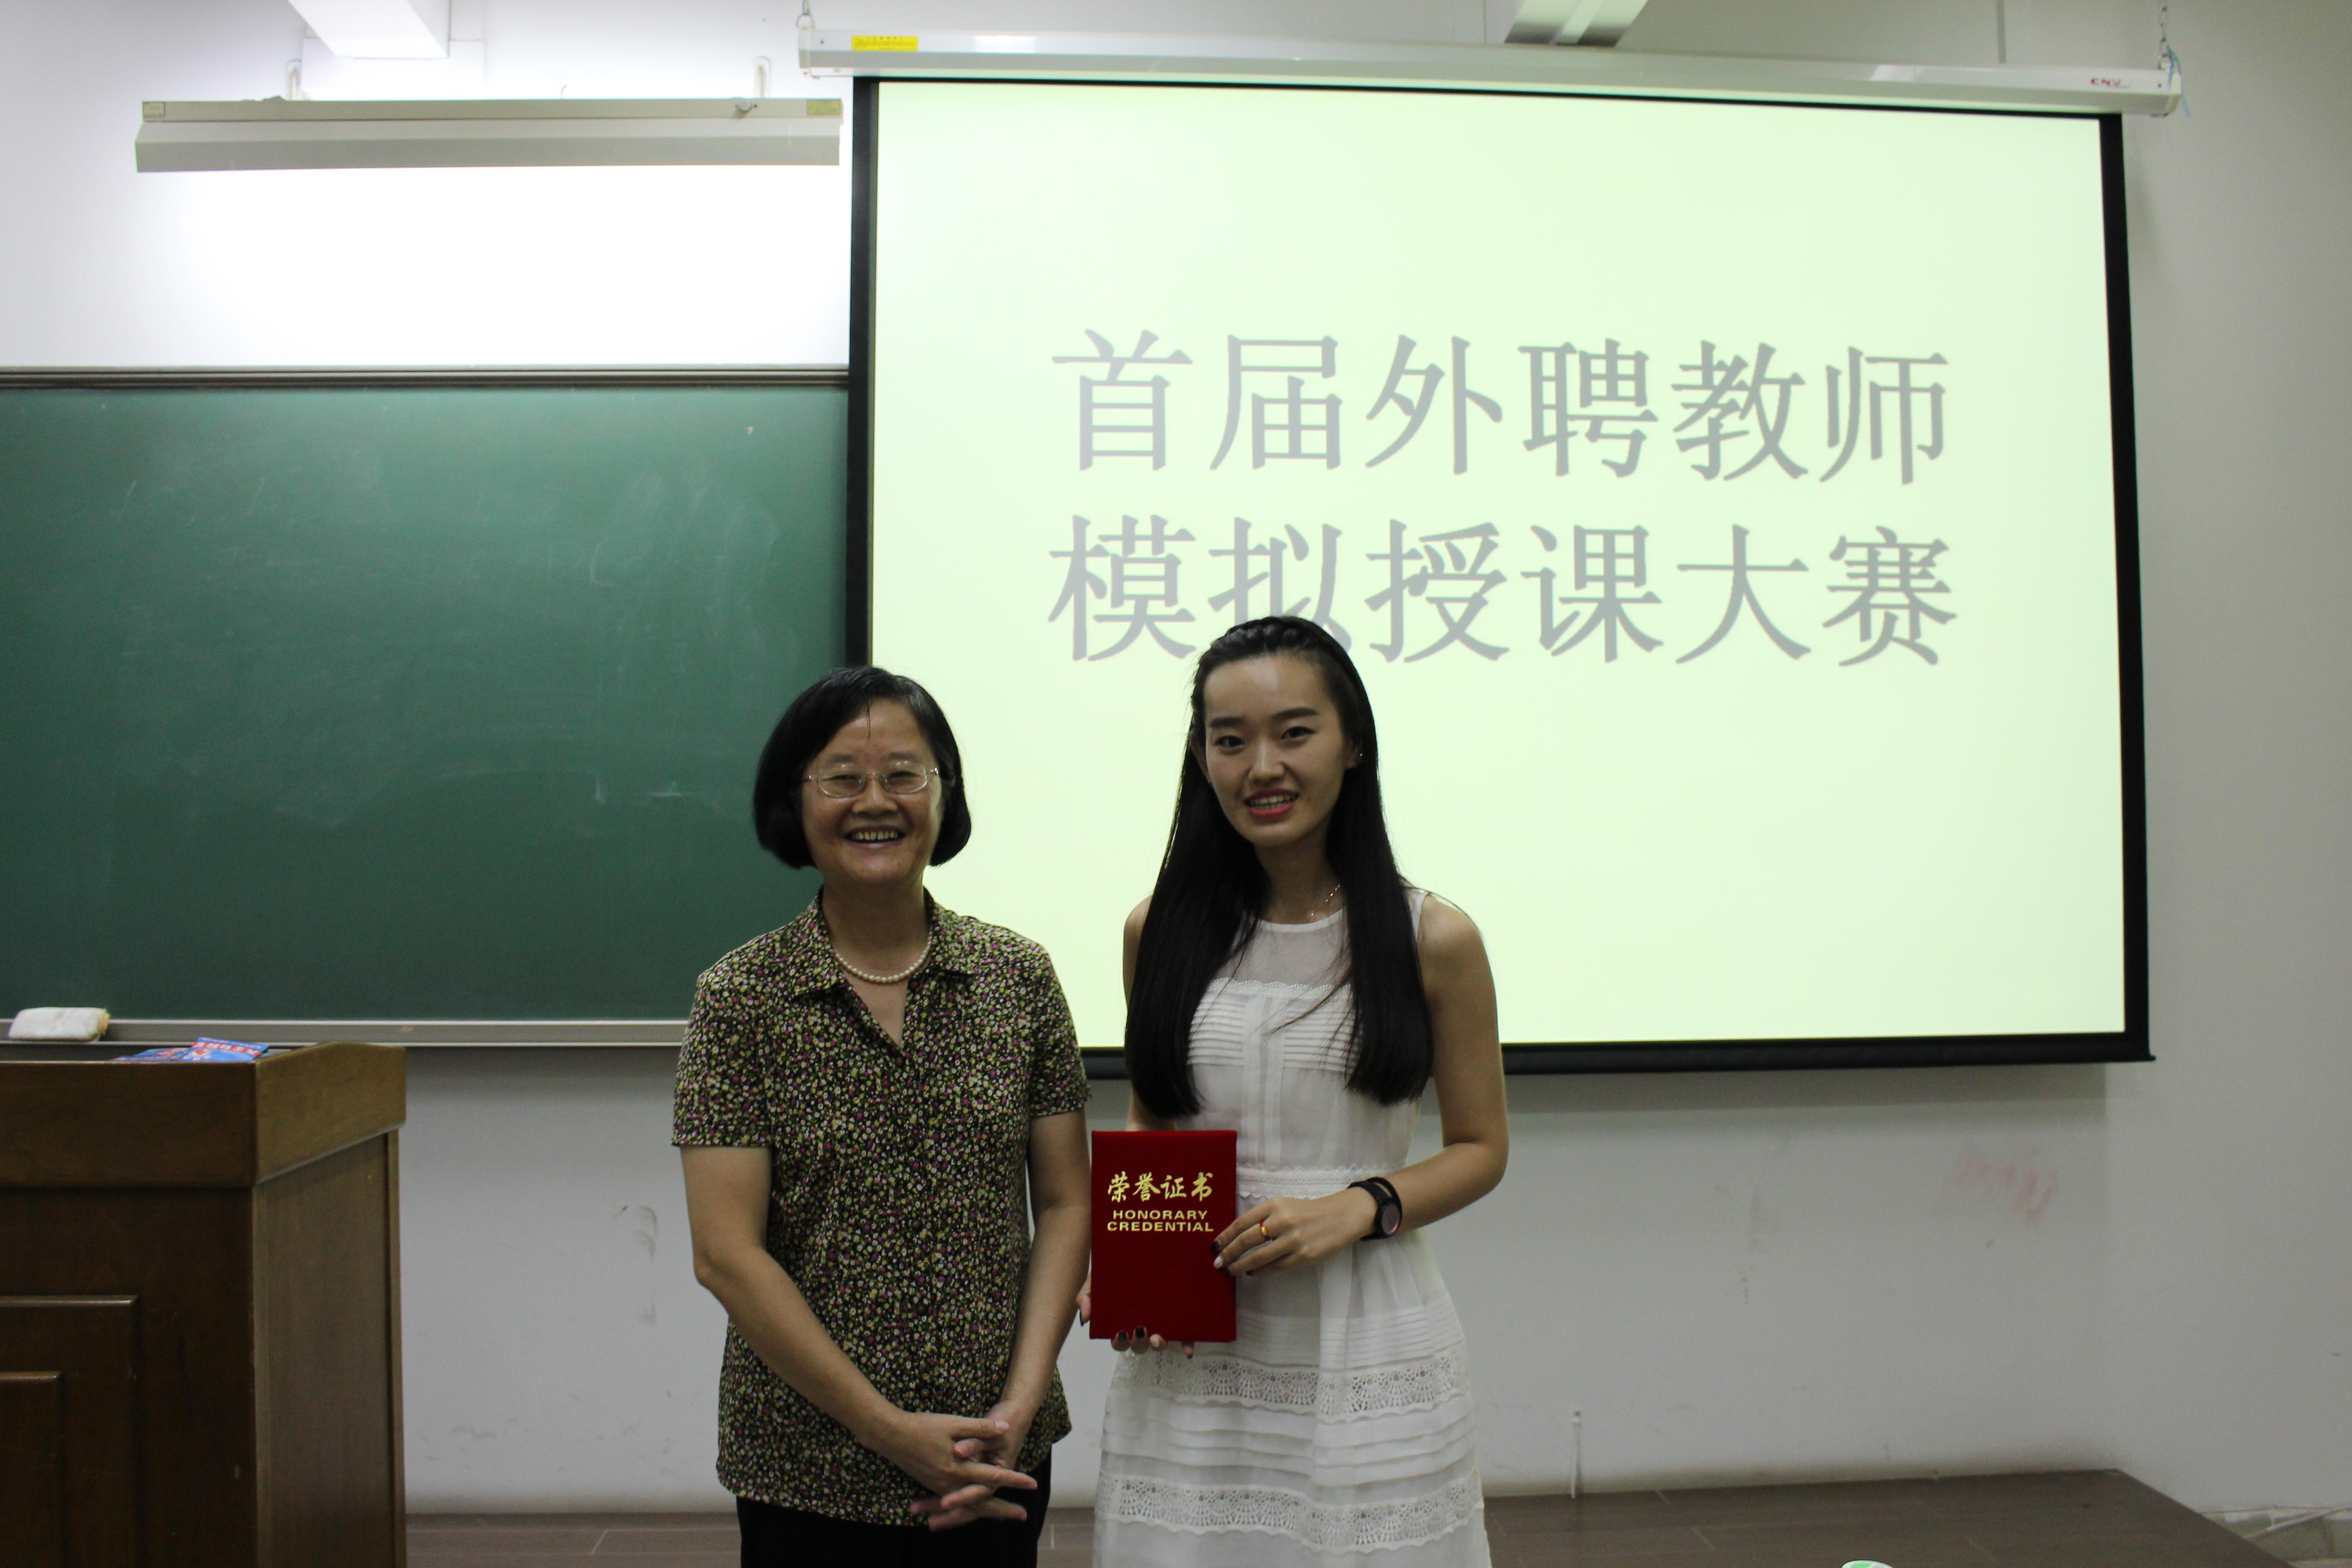 文学院汉语国际教育硕士专业研究生参加实习基地模拟授课大赛取得佳绩